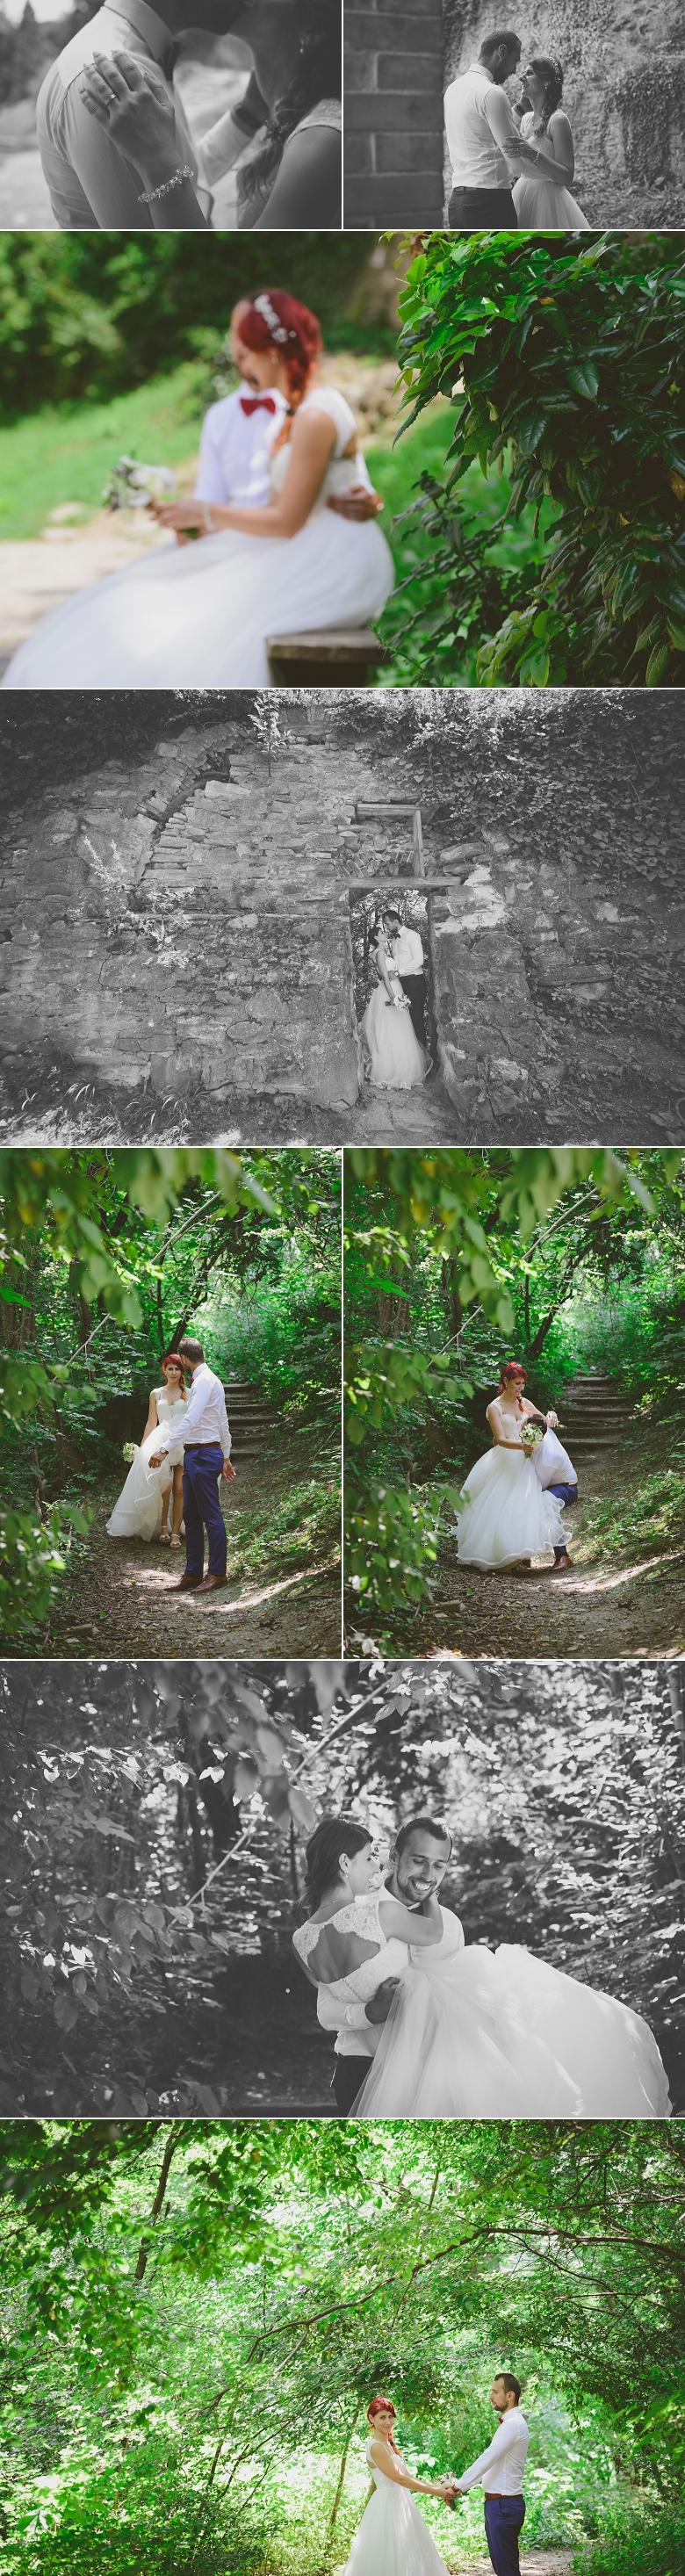 after_wedding_sighisoara_poze_nunta_sighisoara_fotografii_sighisoara_fotograf_nunta_sighisoara 6